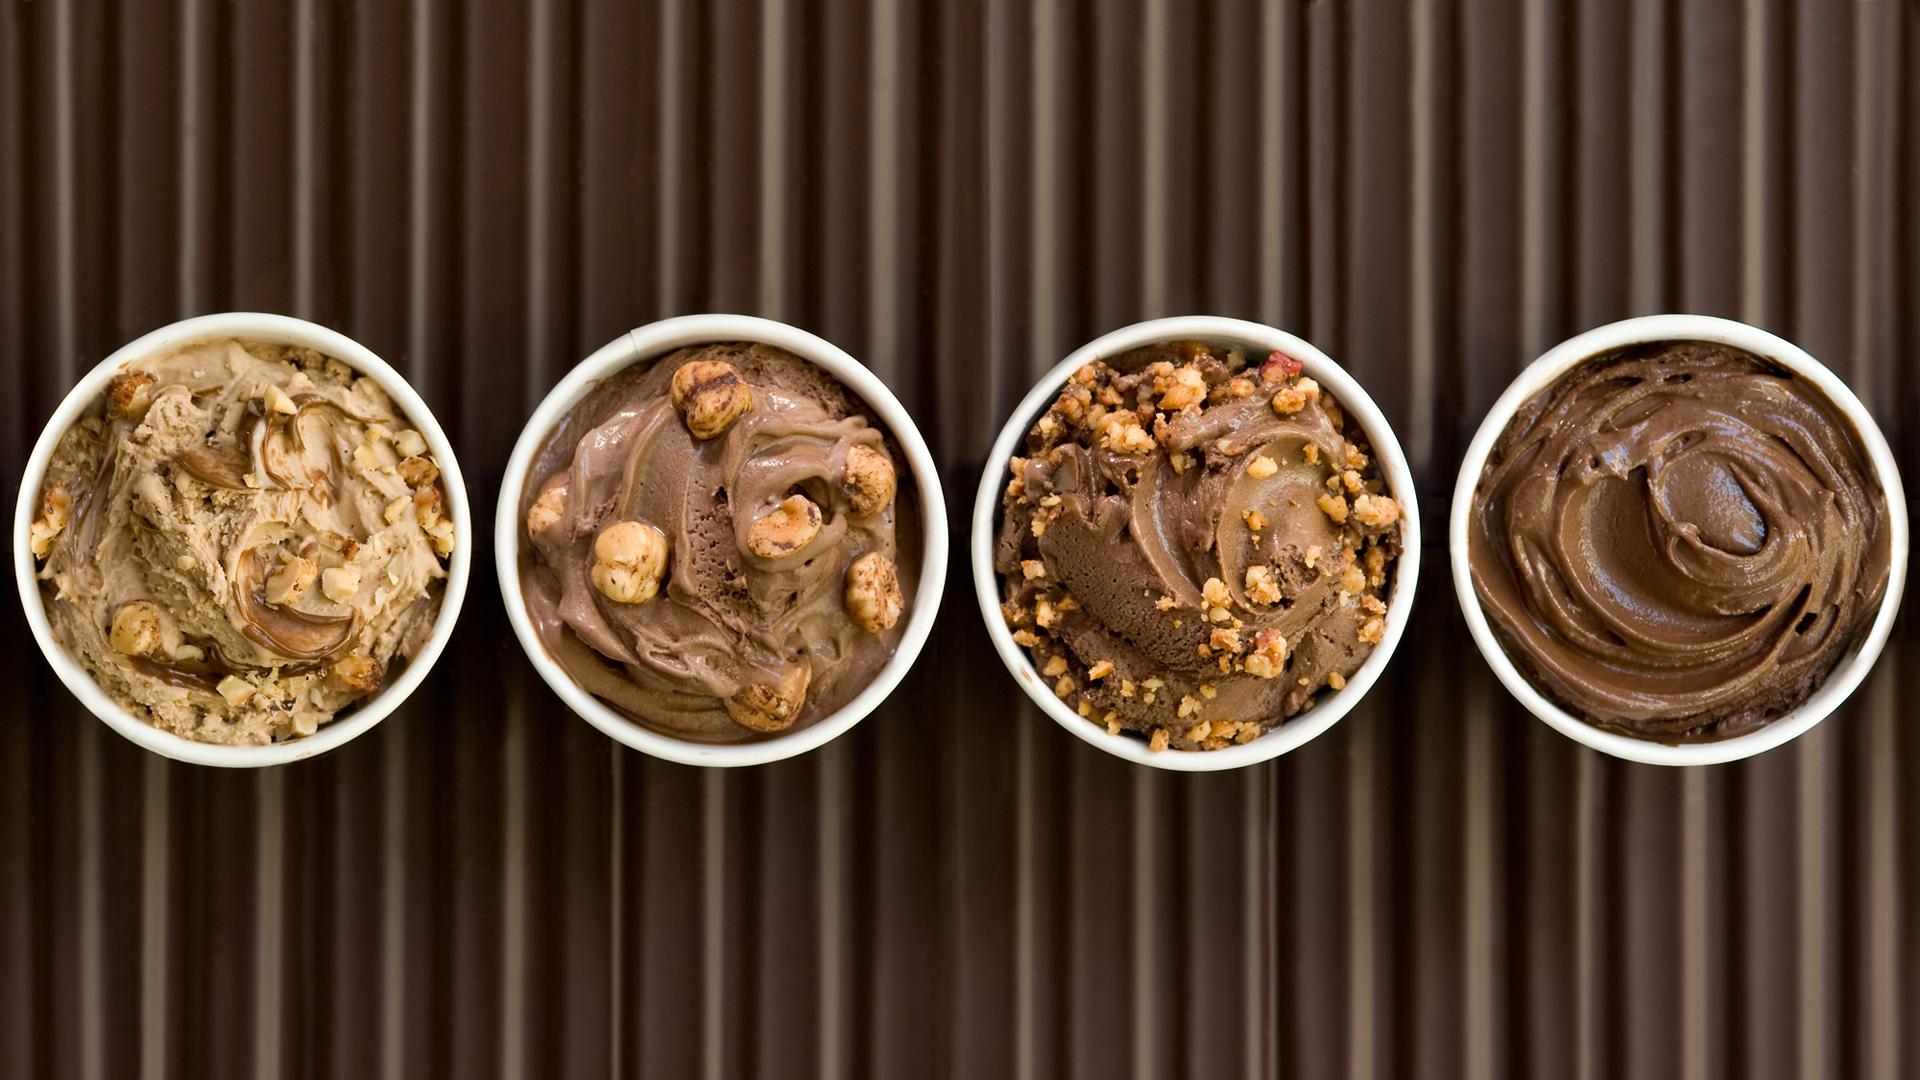 Comer helado no está mal, pero no en exceso. Estos contienen mucha azúcar y colorantes